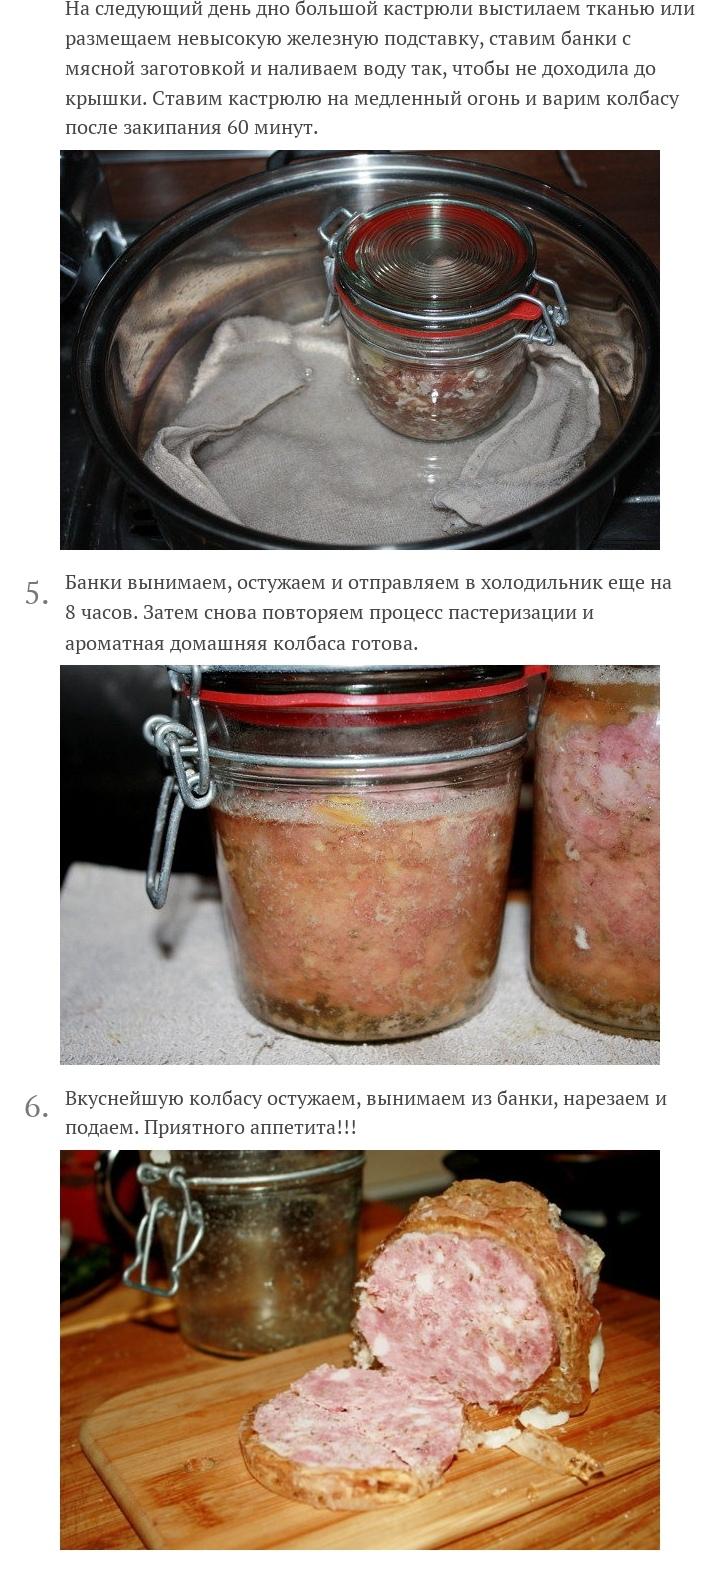 Домашняя колбаса с чесноком в банке, изображение №3